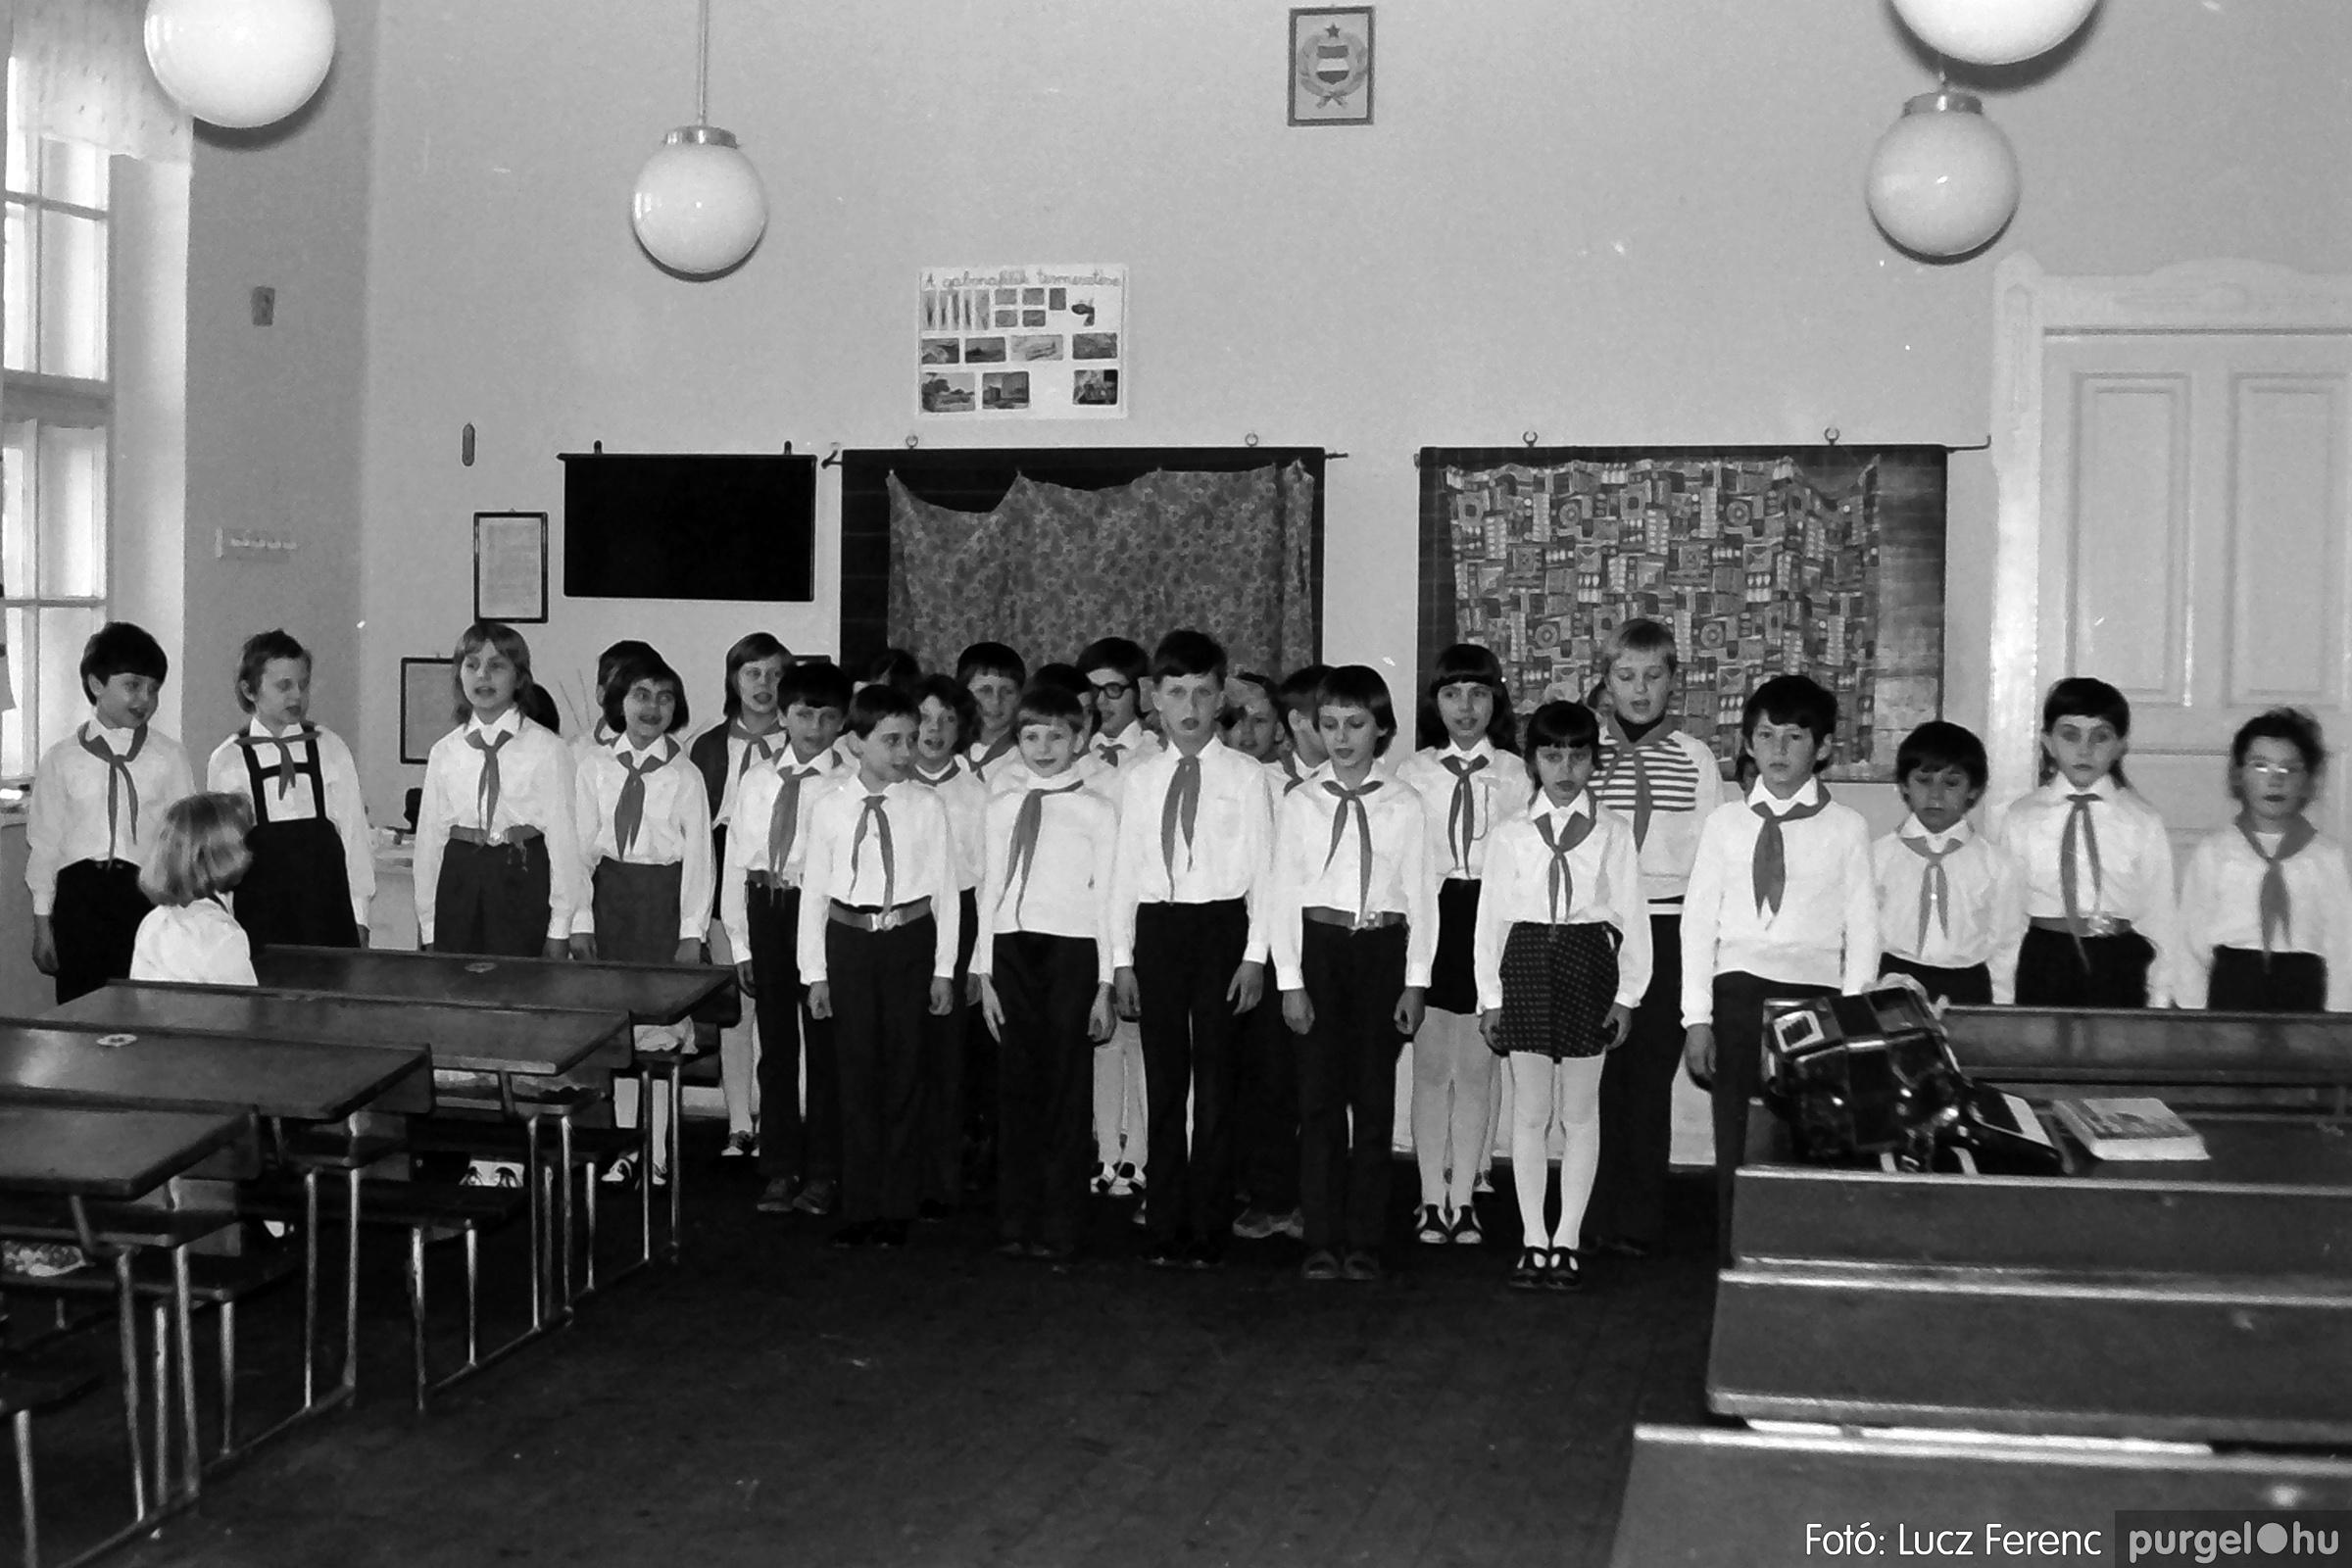 042-043. 1976. Program az újfalusi iskolában 012. - Fotó: Lucz Ferenc - IMG00288q.jpg